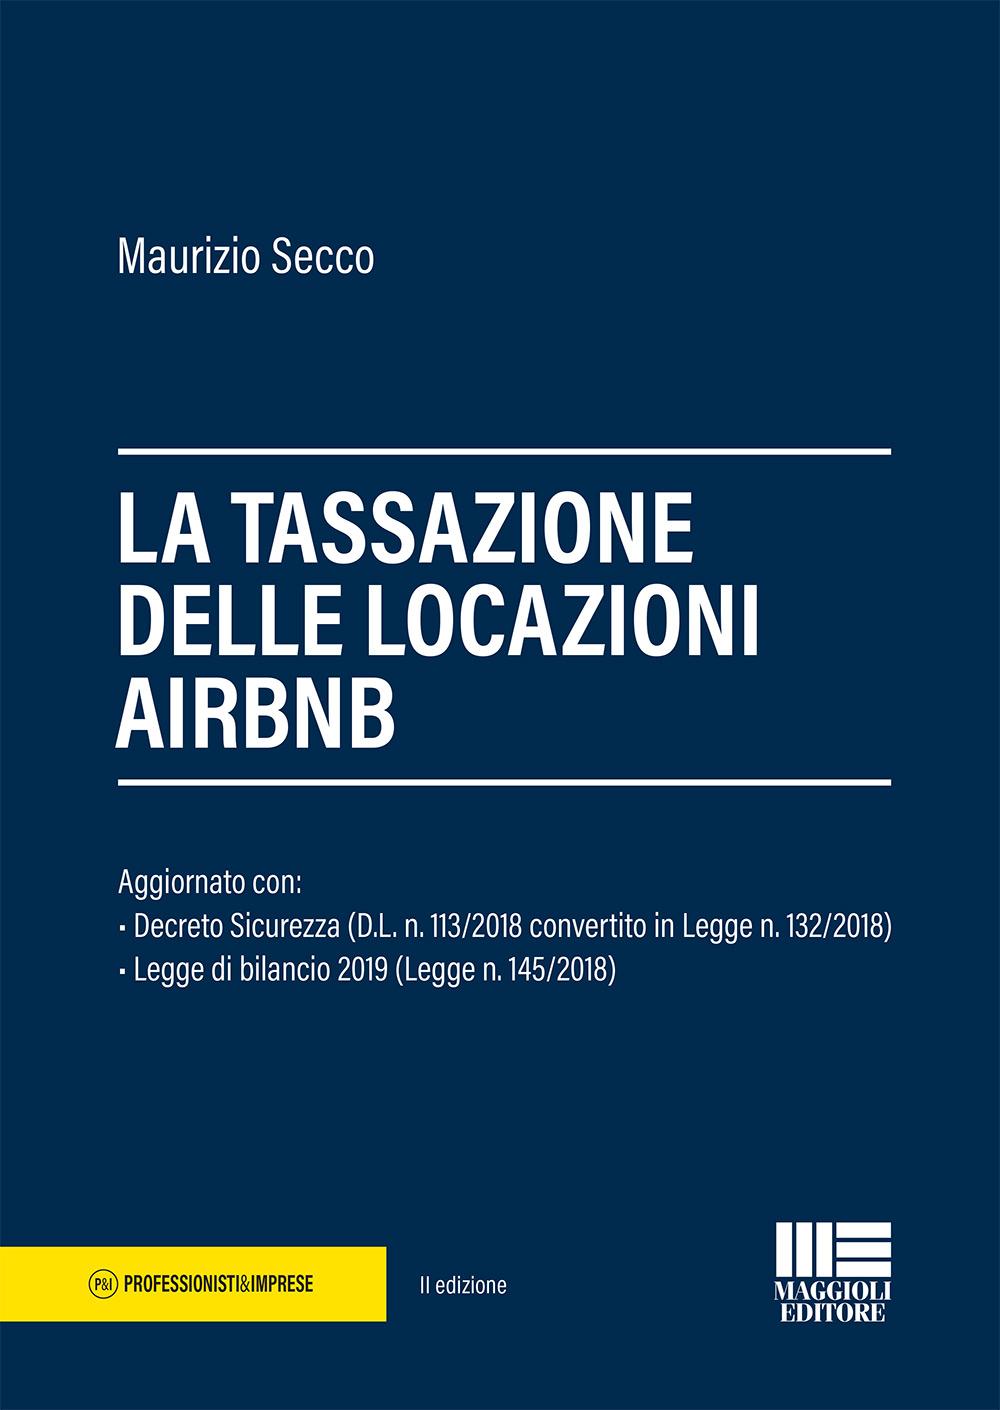 La tassazione delle locazioni AIRBNB - Libro carta